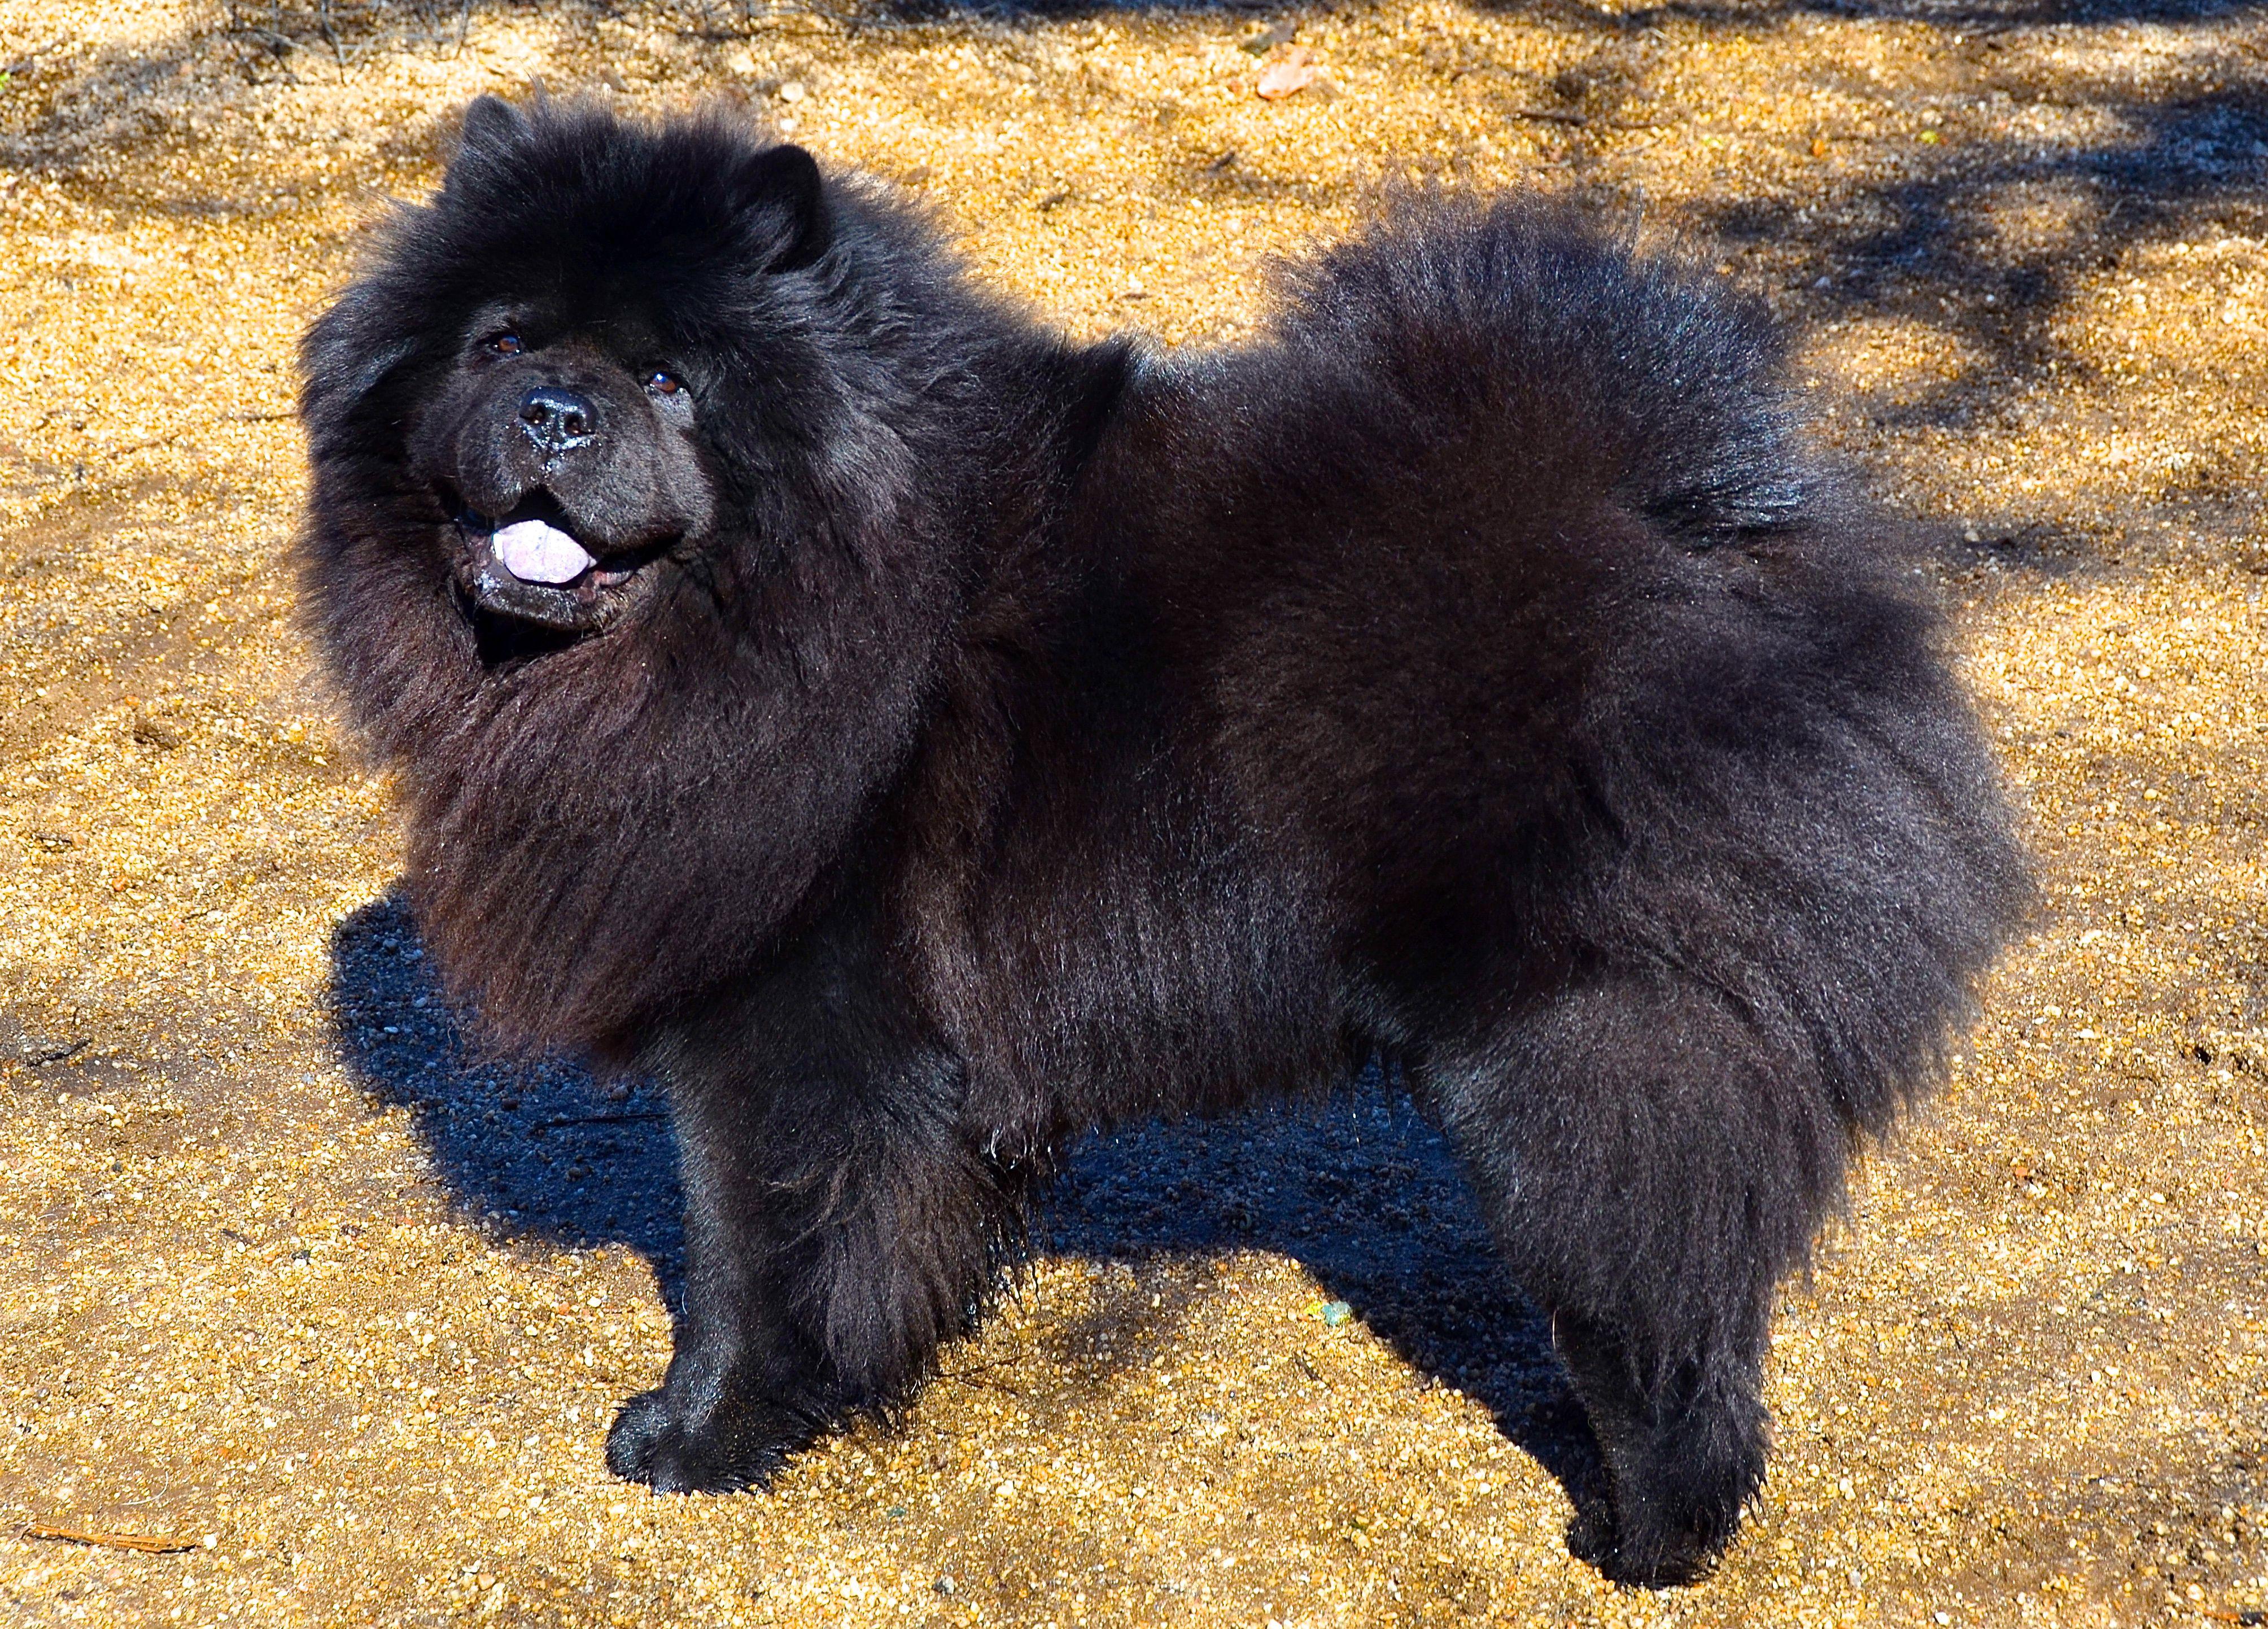 Chow Chow Black Chow Chow Chow Chow Dog Puppy Chow Chow